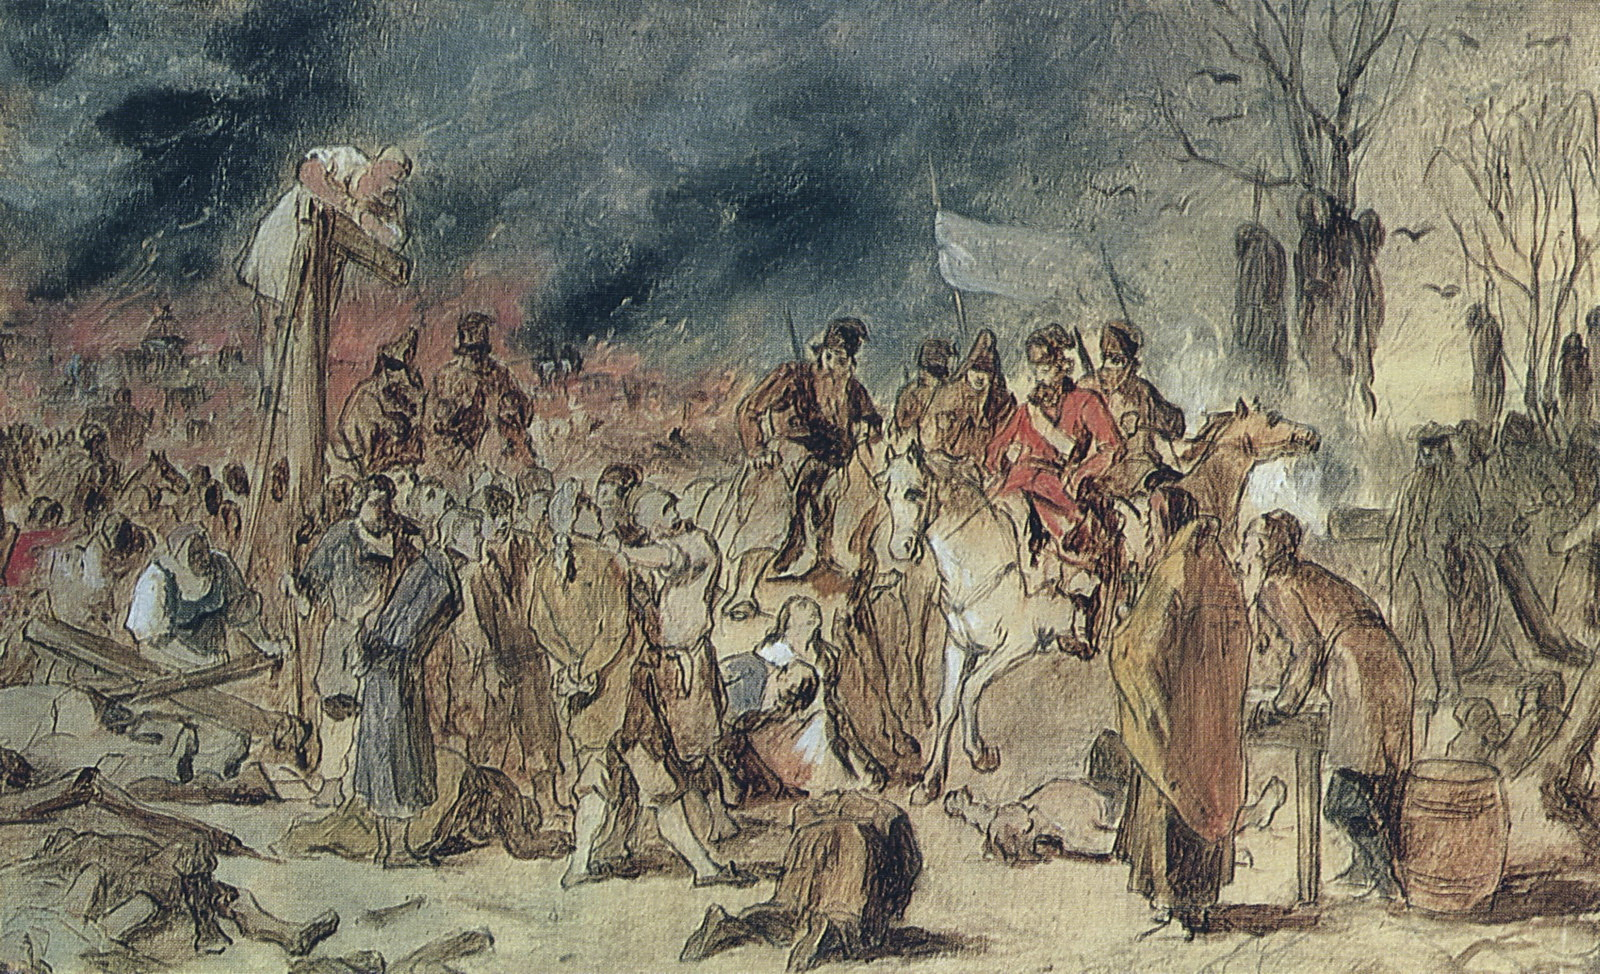 Суд пугачева. Эскиз картины 1875 г. из ГИМ. Х., м. 30.3х43 ГТГ